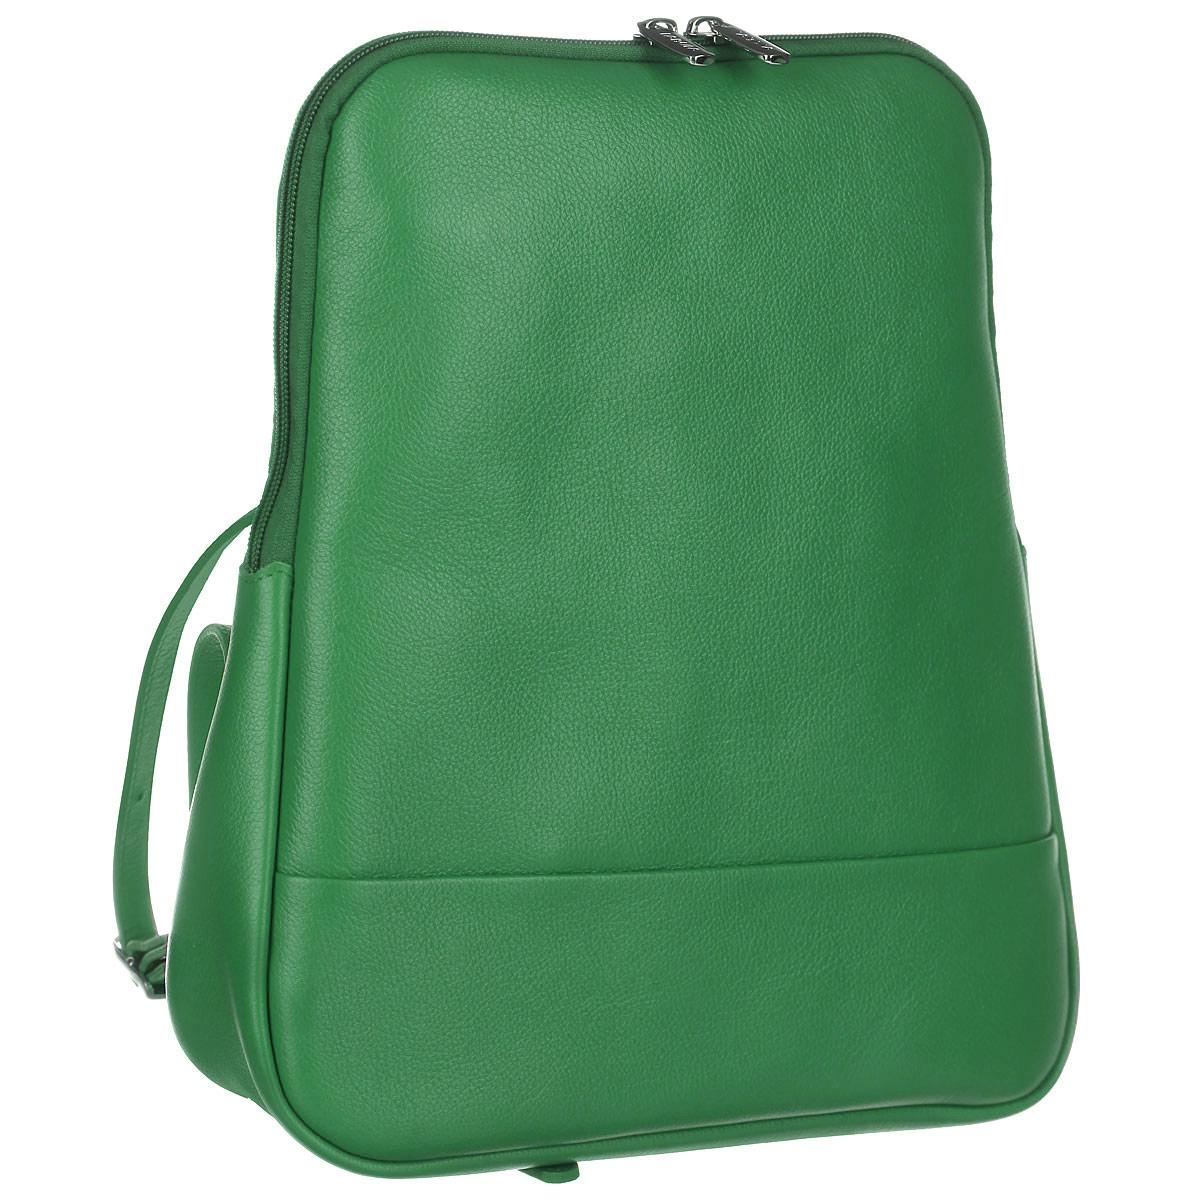 Рюкзак женский Fabula, цвет: зеленый. S.141.FPS.141.FP. зеленыйСтильный женский рюкзак Fabula из коллекции Every day выполнен из натуральной кожи и оформлен фактурным тиснением. Закрывается на молнию. Изделие содержит одно основное отделение, закрывающееся на застежку-молнию. Внутри - врезной карман на молнии, два накладных кармашка для мобильного телефона и мелочей. На внешней оборотной стороне два регулируемых за счет пряжек плечевых ремня. Рюкзак упакован в фирменный пакет. Оригинальный рюкзак станет незаменимым спутником в маленьком путешествии, поможет вам подчеркнуть свою индивидуальность и сделает ваш образ изысканным и завершенным.